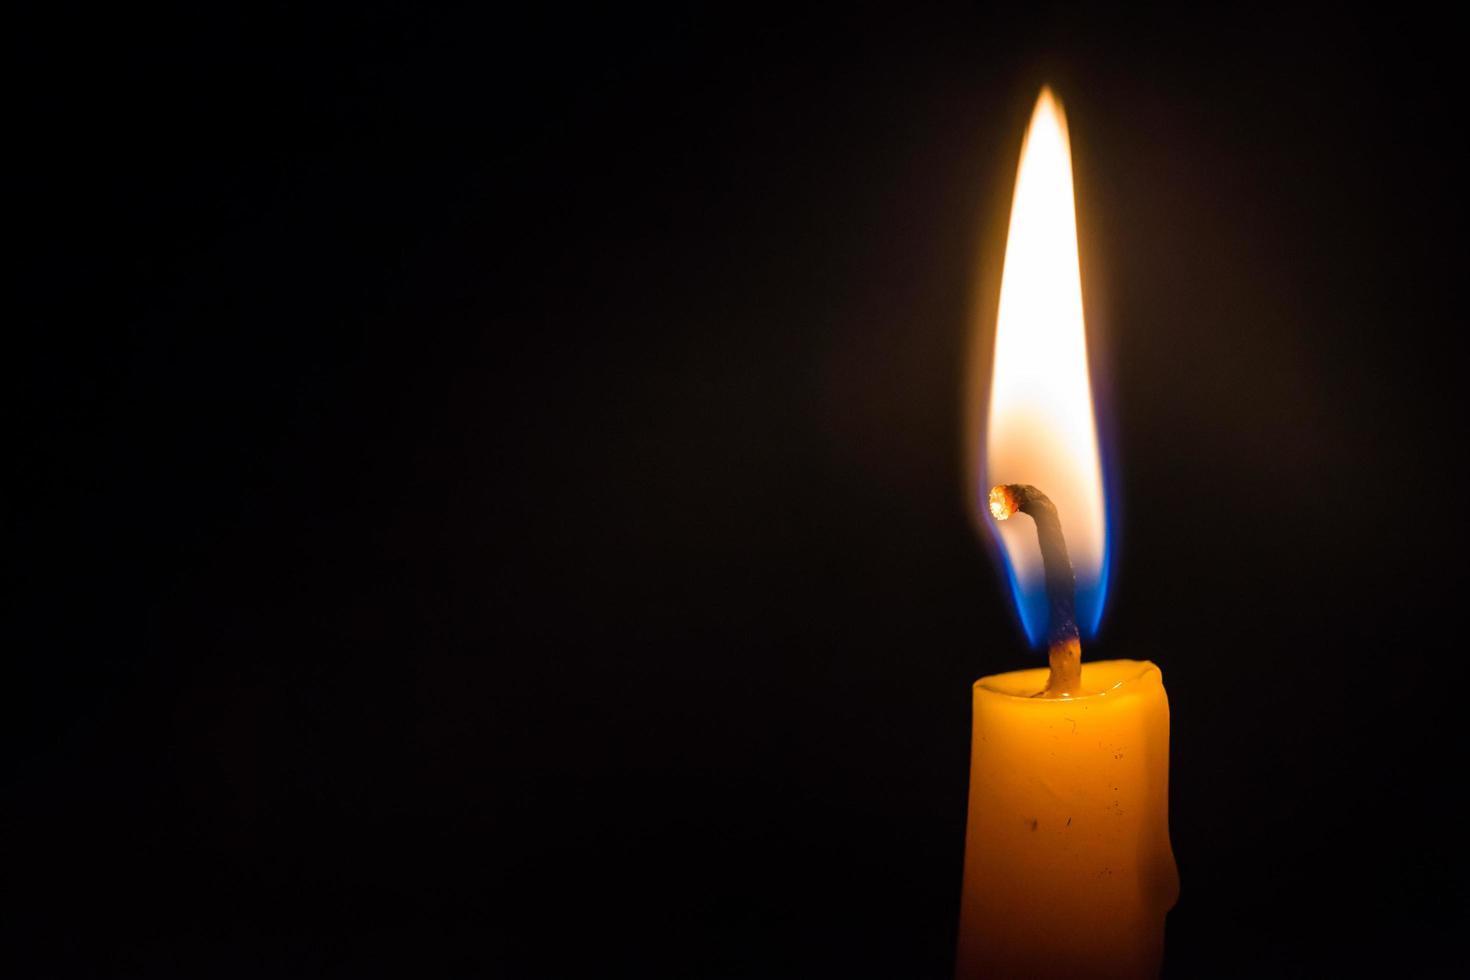 Nahaufnahme helle Kerze, die hell im schwarzen Hintergrund brennt. foto